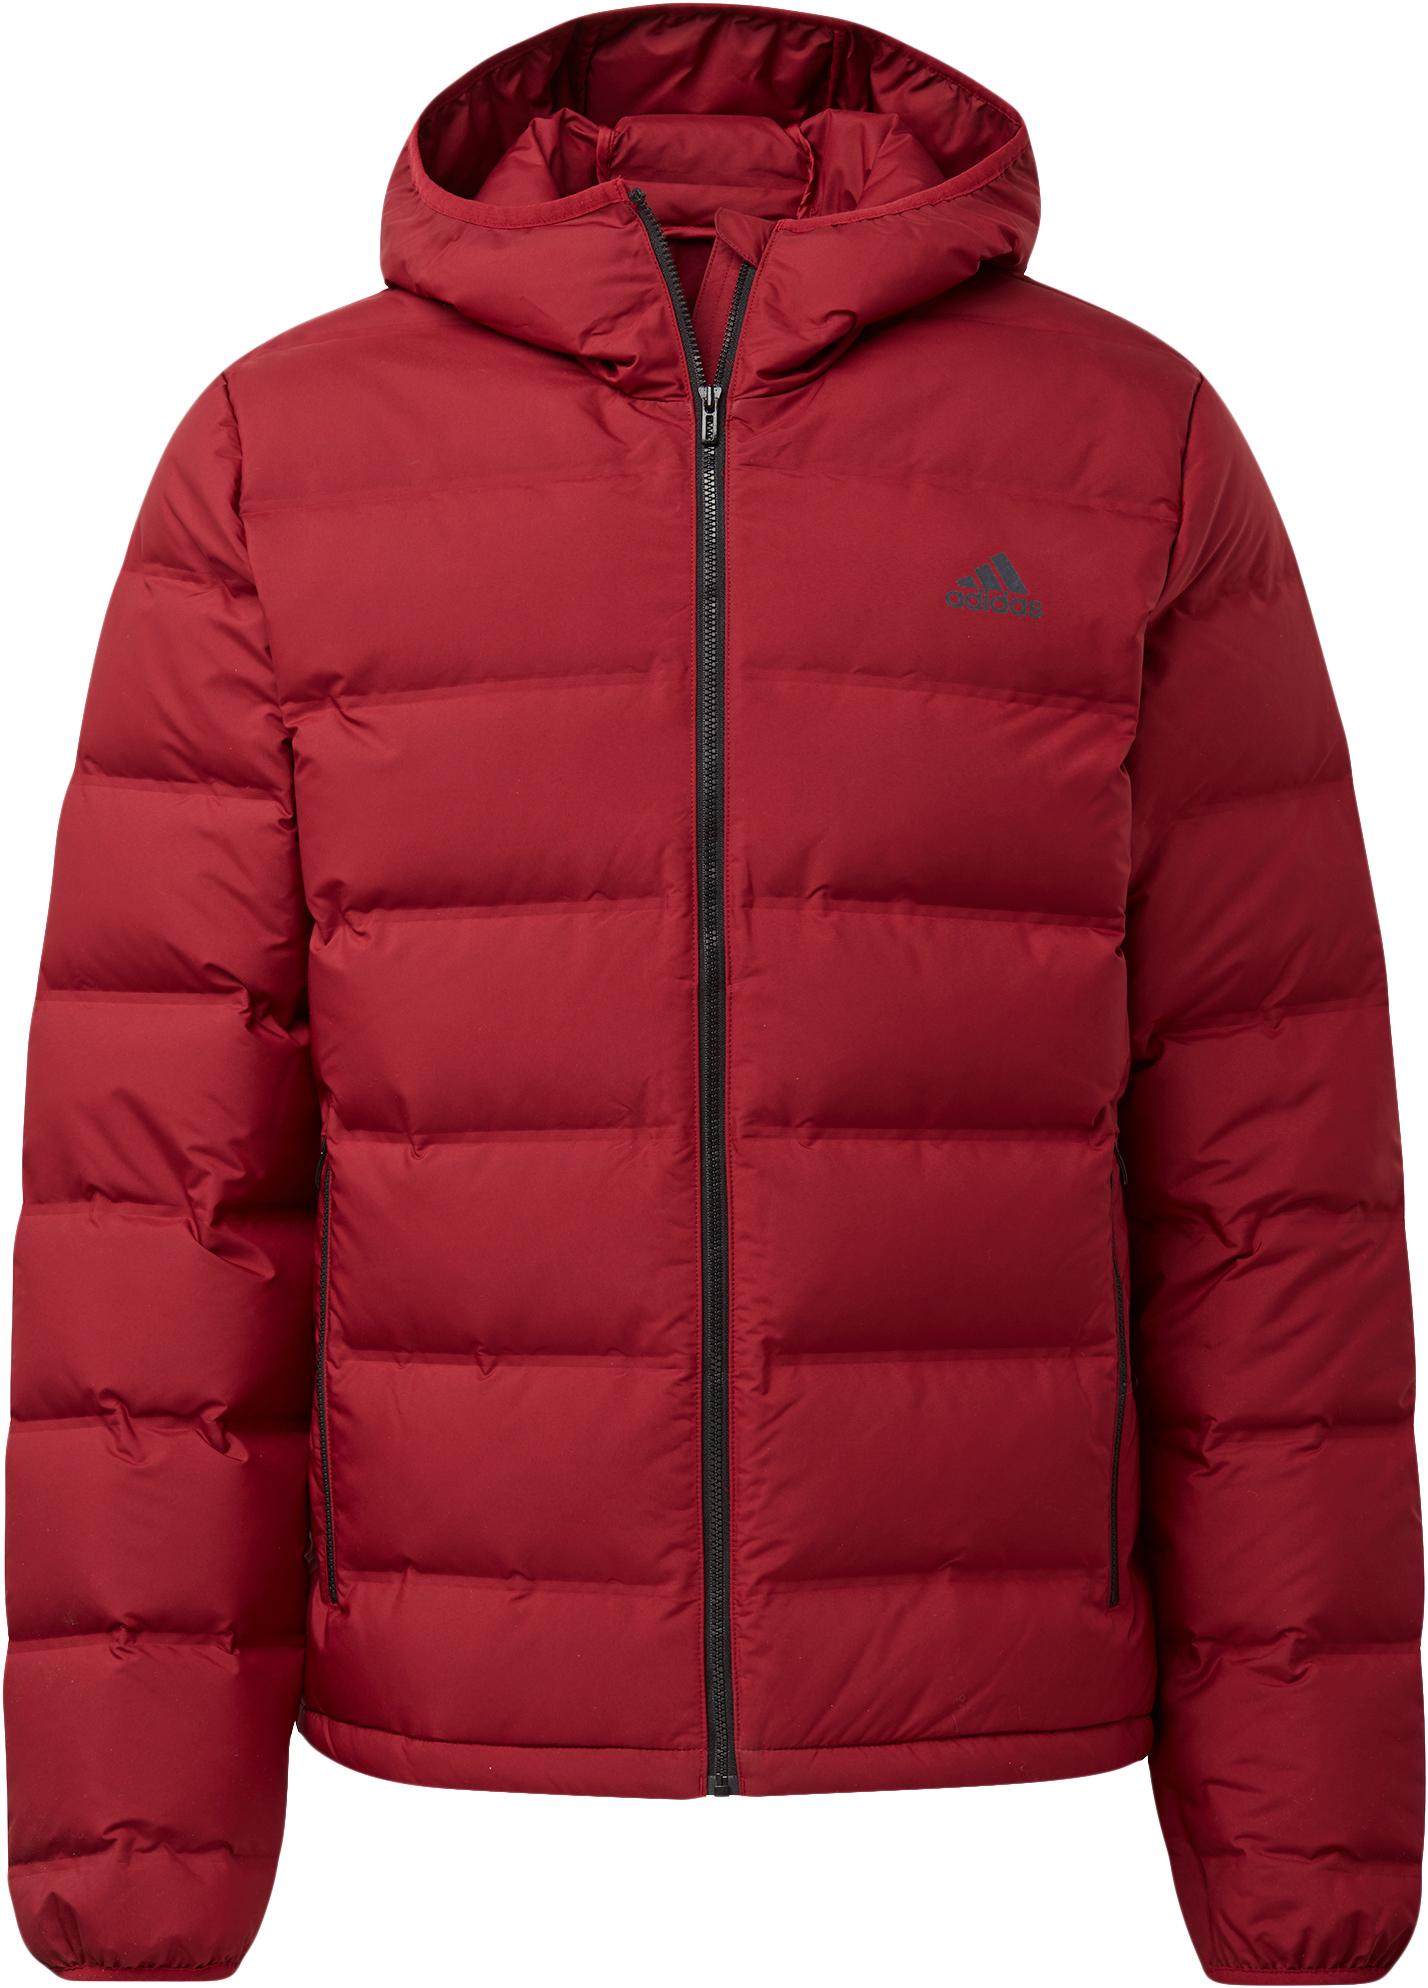 Adidas Куртка пуховая мужская Helionic, размер 50